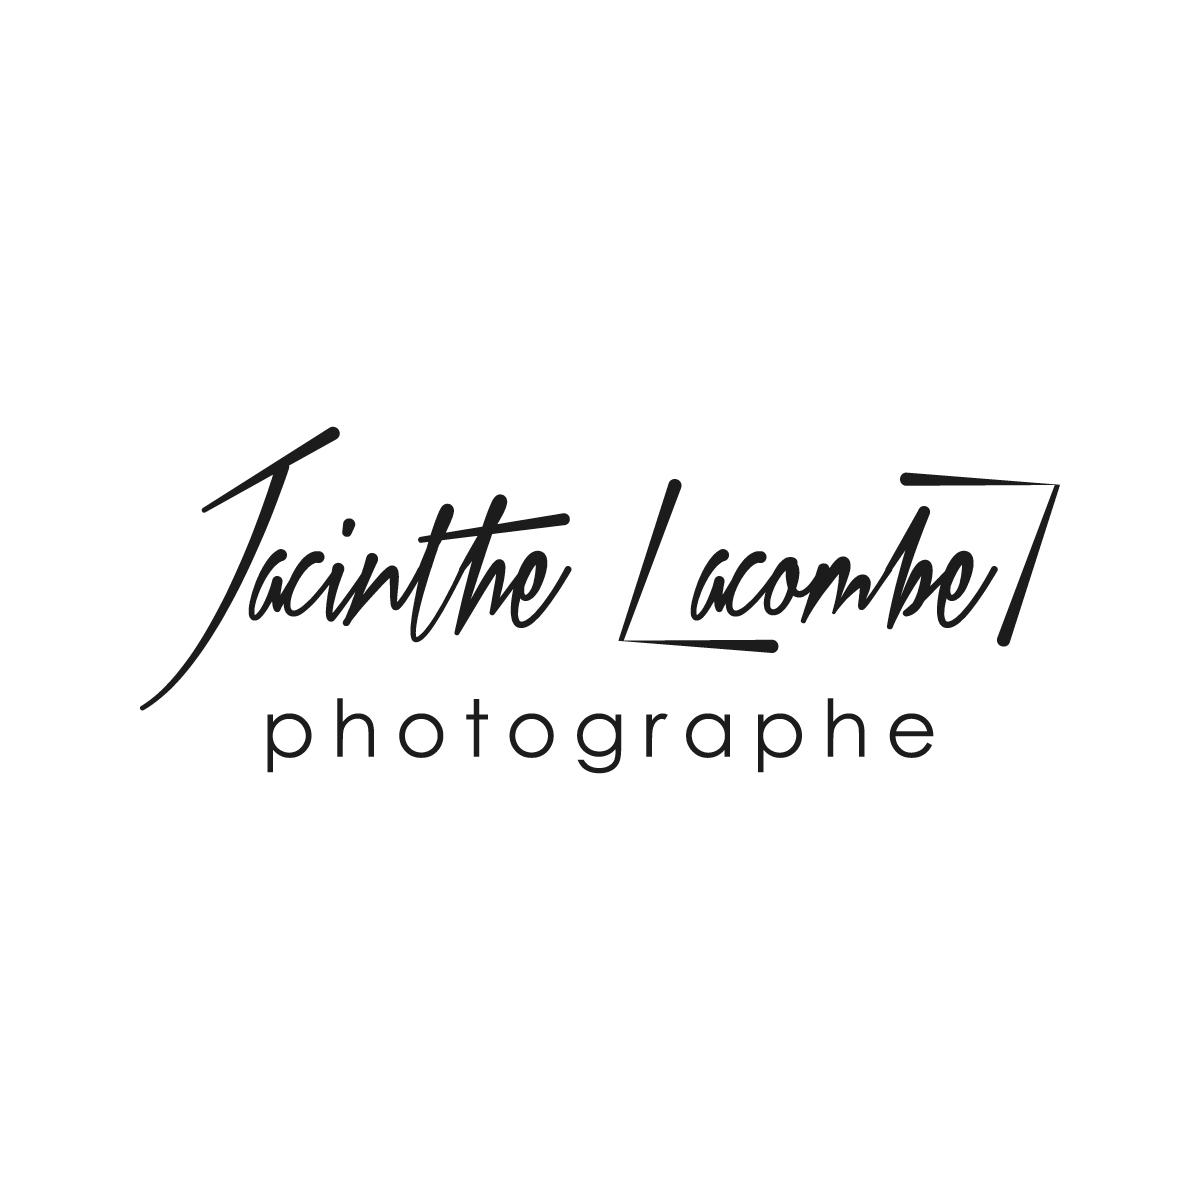 Jacinthe Lacombe Photographe identité visuelle